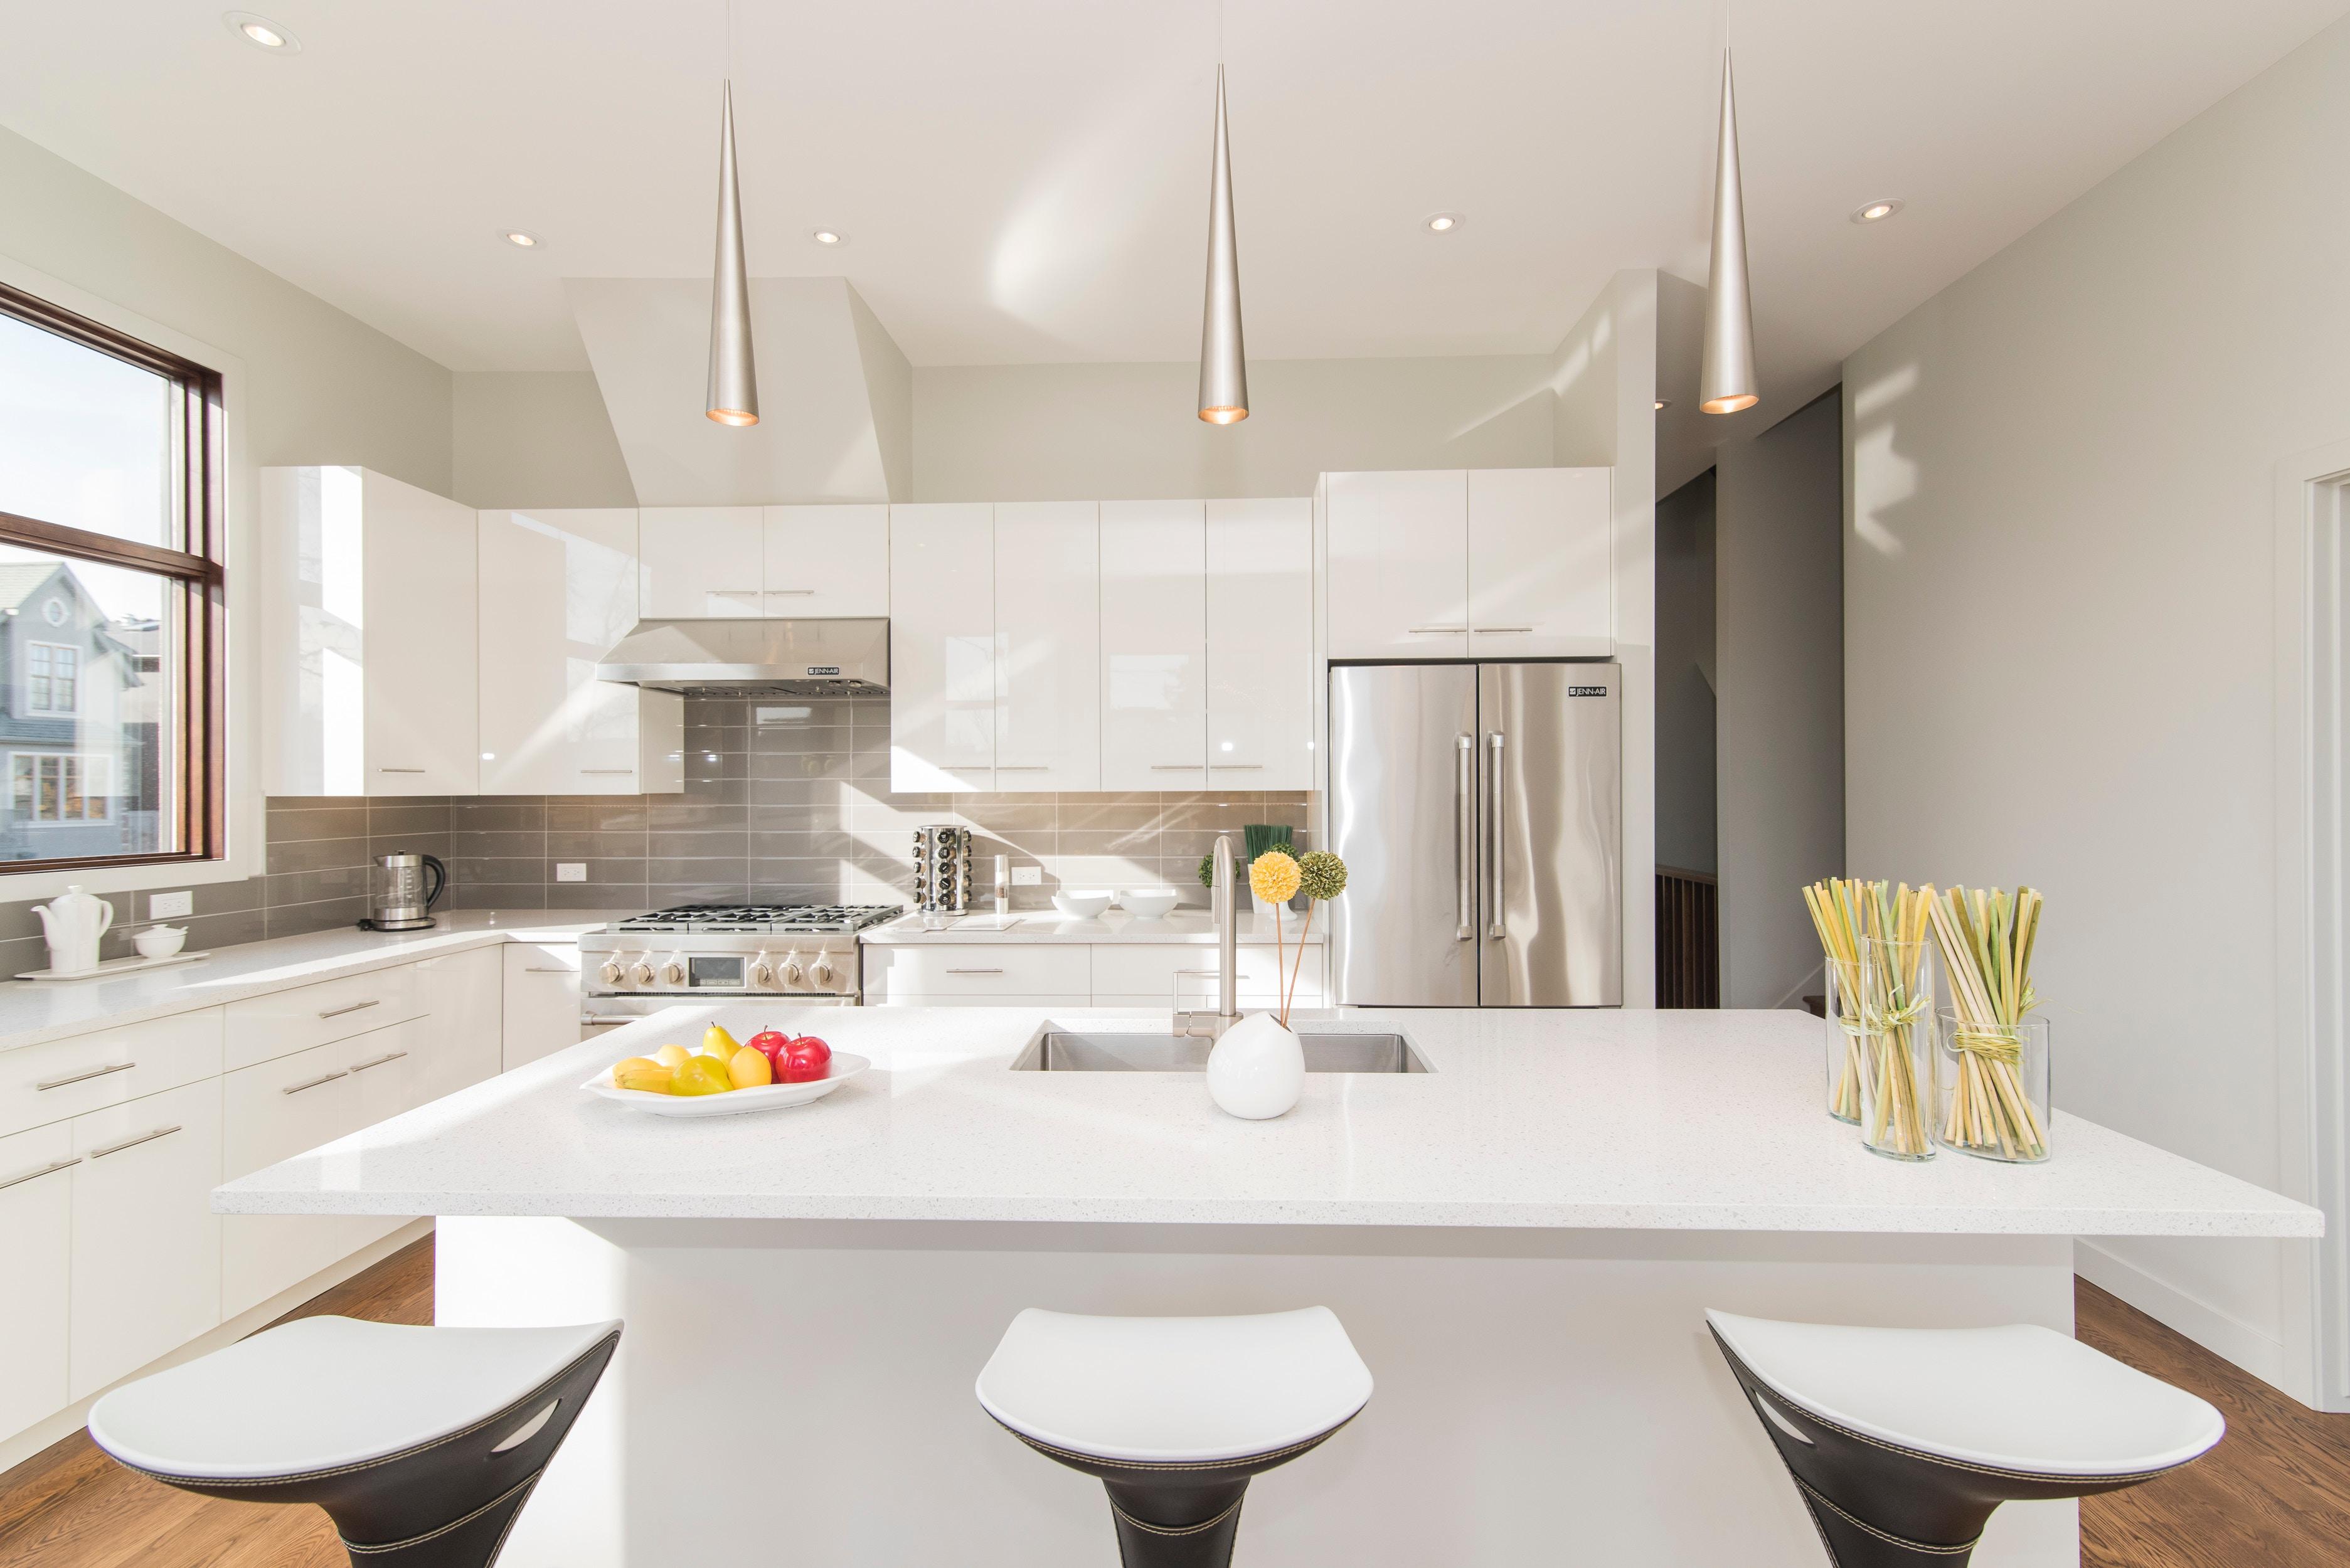 Modern Kitchen Essentials-5 Standout Ideas - Apartminty on ideas kitchen colors, ideas kitchen design, ideas kitchen tables,